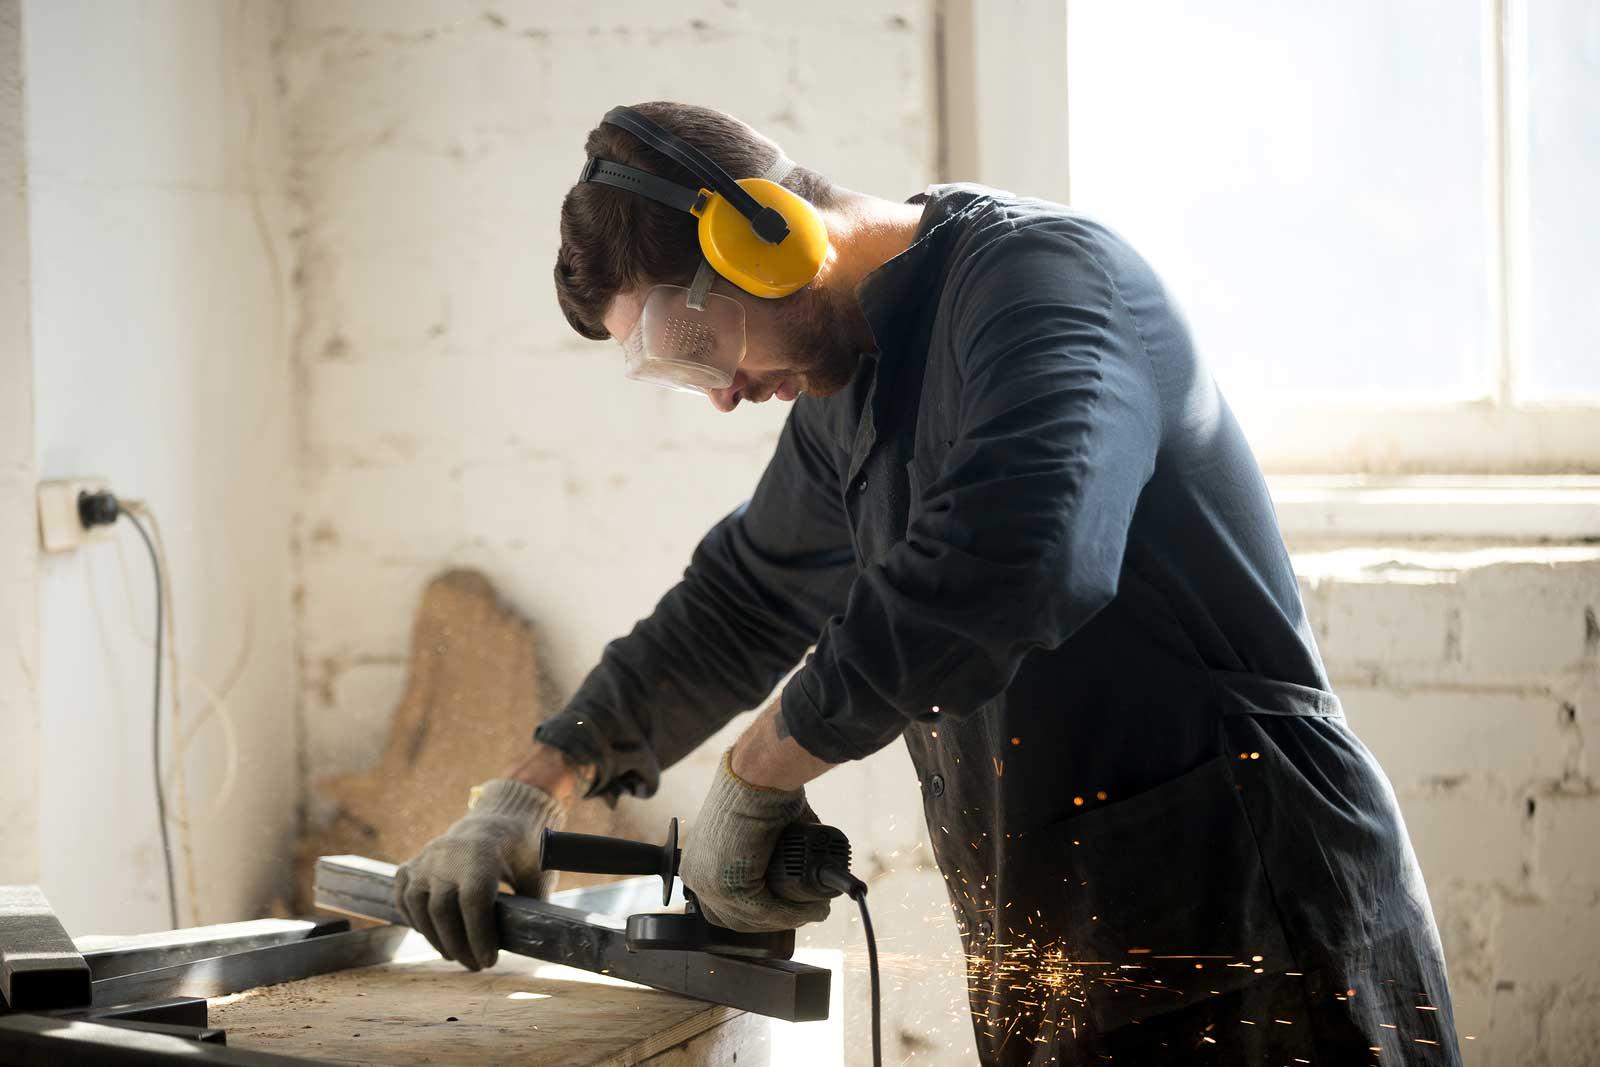 Un homme fait des rénovations avec des outils mécaniques.